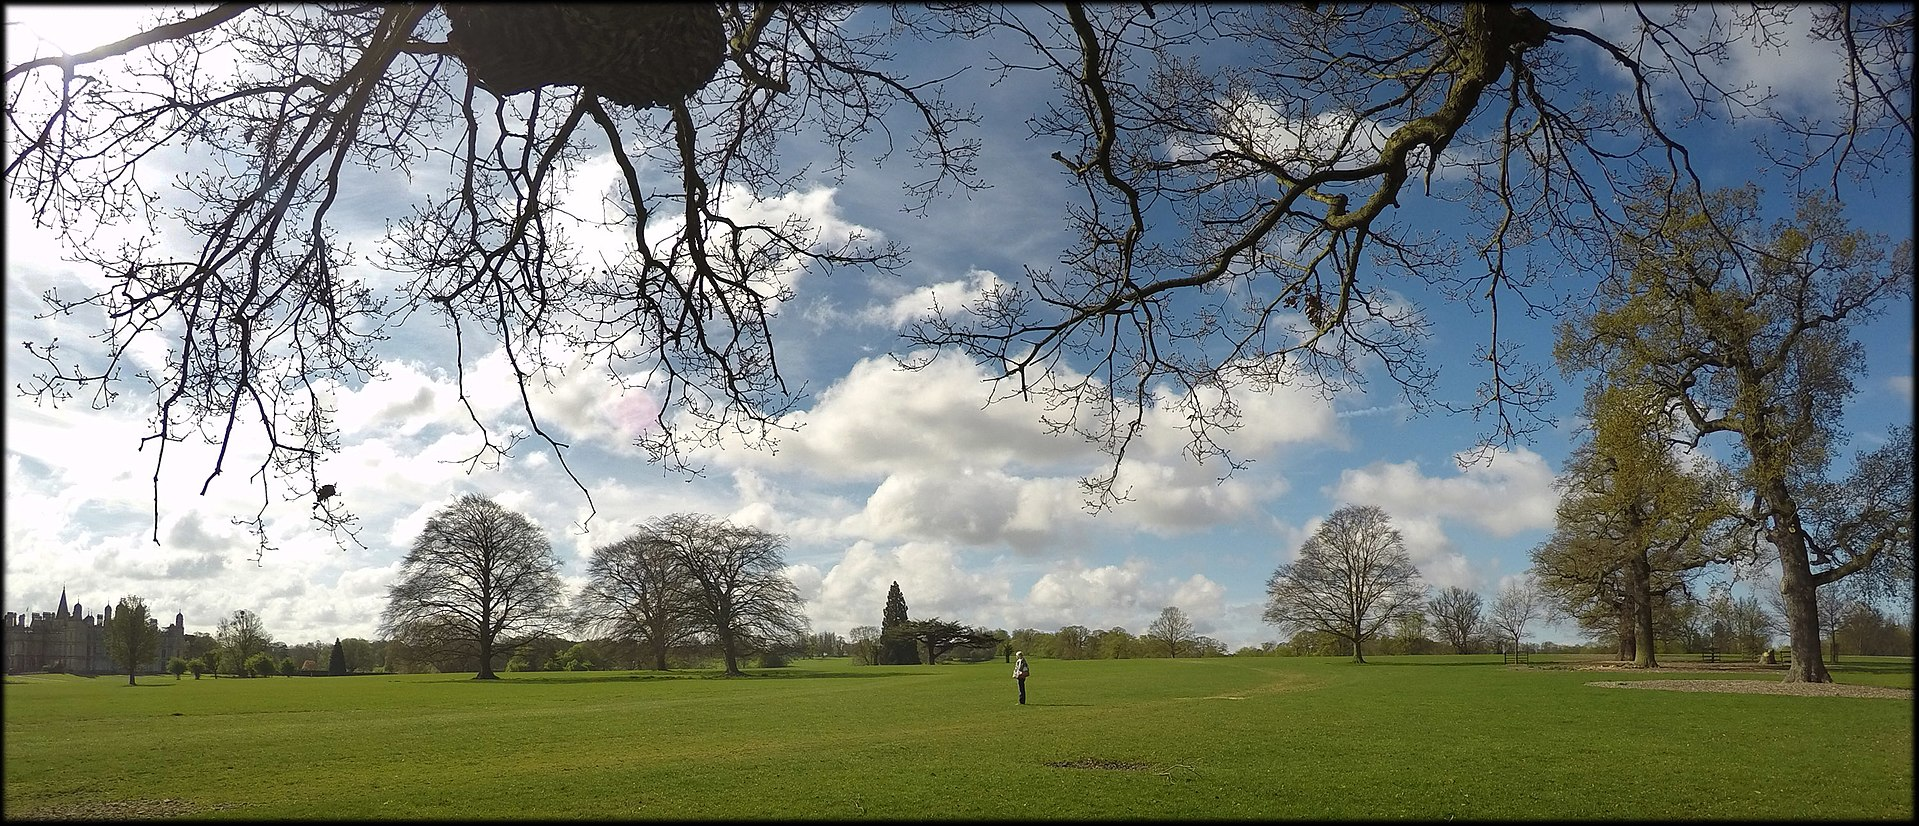 1920px-Burghley_House_park,_landcape_april_2017a_08.jpg